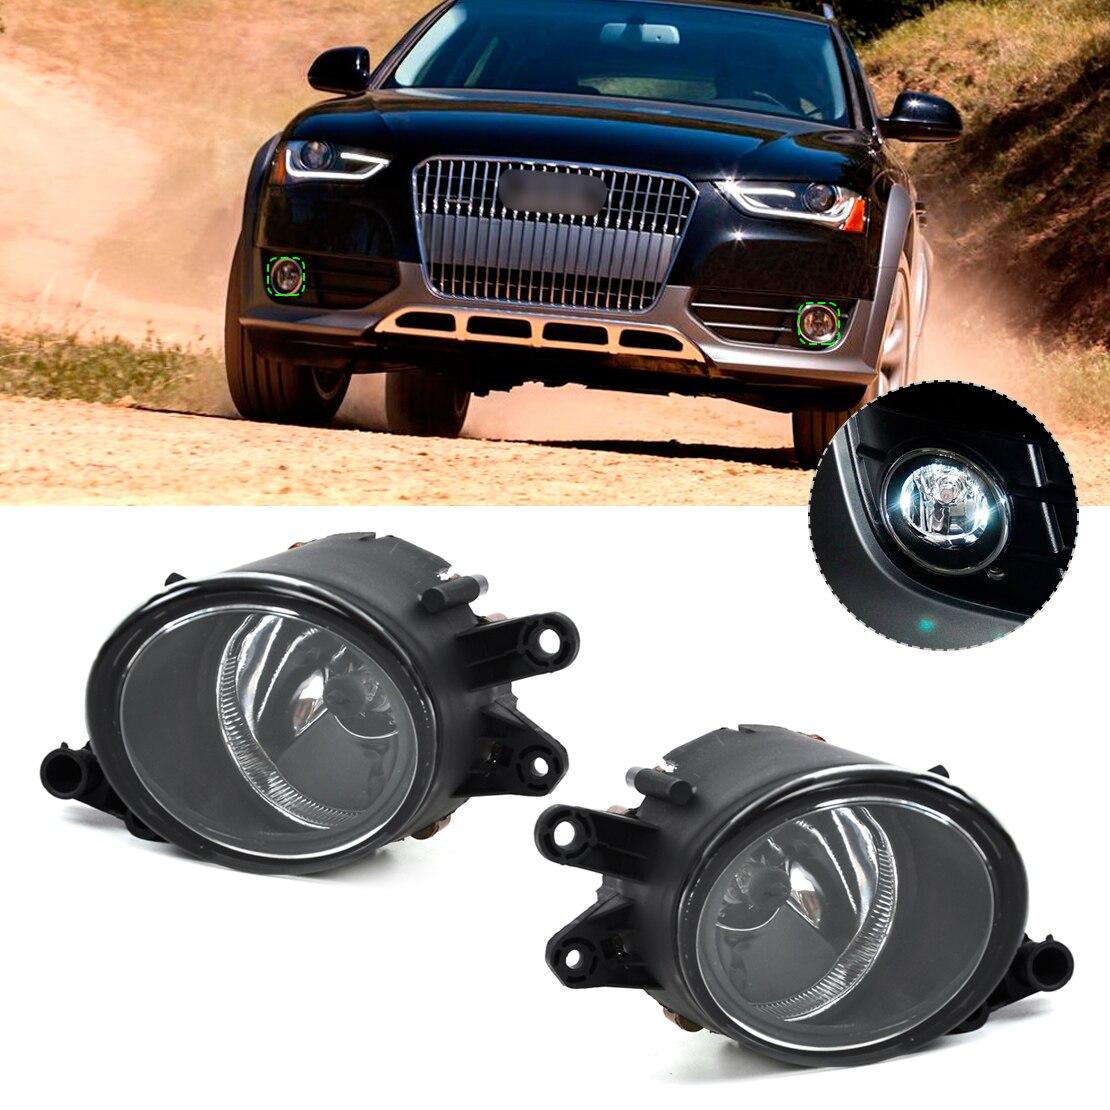 DWCX 8E0941700B 8E0941699B Left Right Fog Light Lamp For Audi A4 B6 A4 B7 A4 Quattro